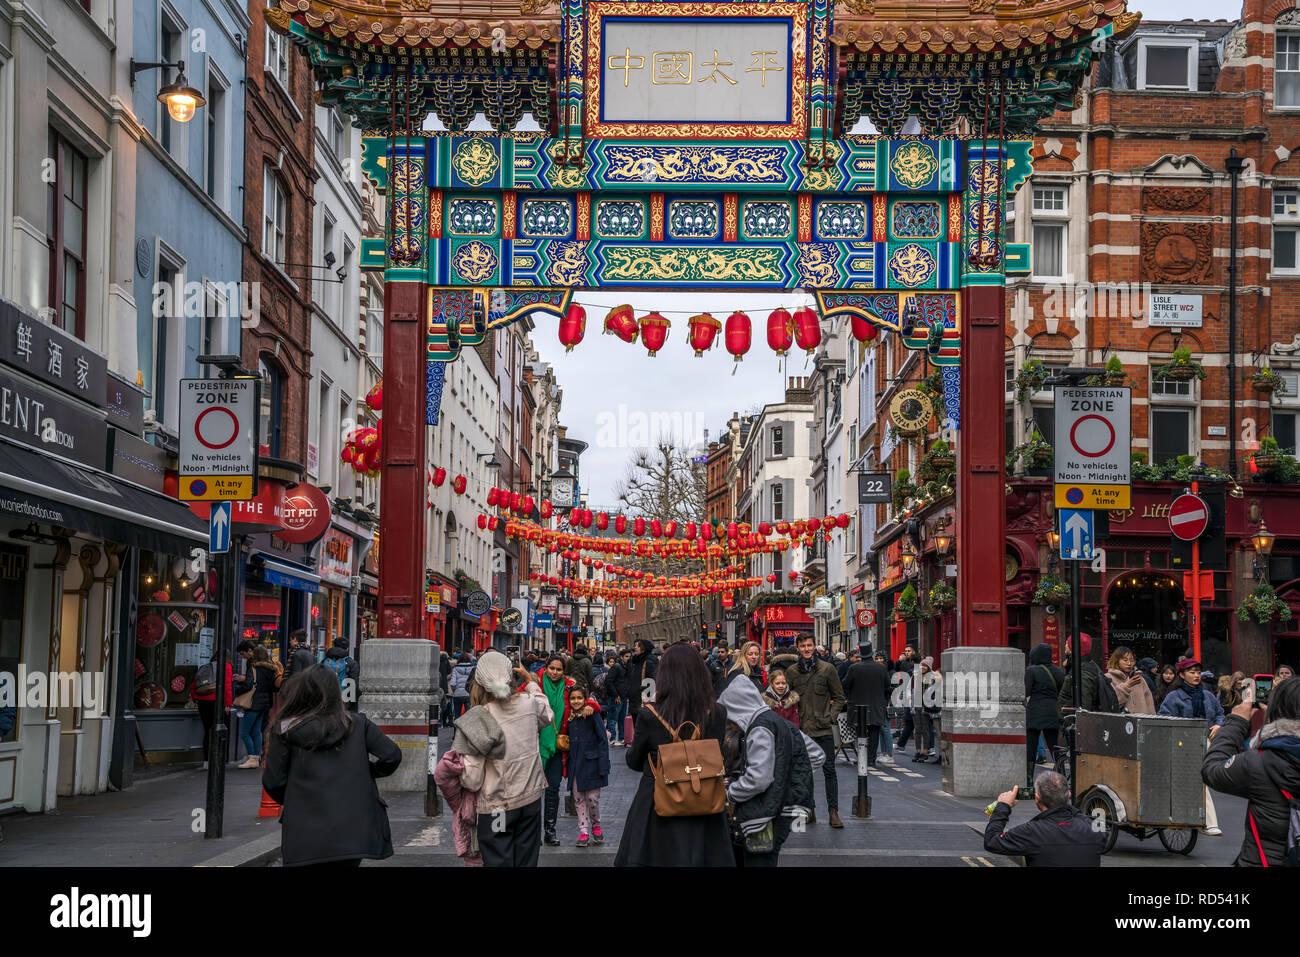 Chinatown Tor, Wardour Street , London, Vereinigtes Königreich Großbritannien, Europa |  Chinatown Gate on Wardour Street  London, United Kingdom of G - Stock Image